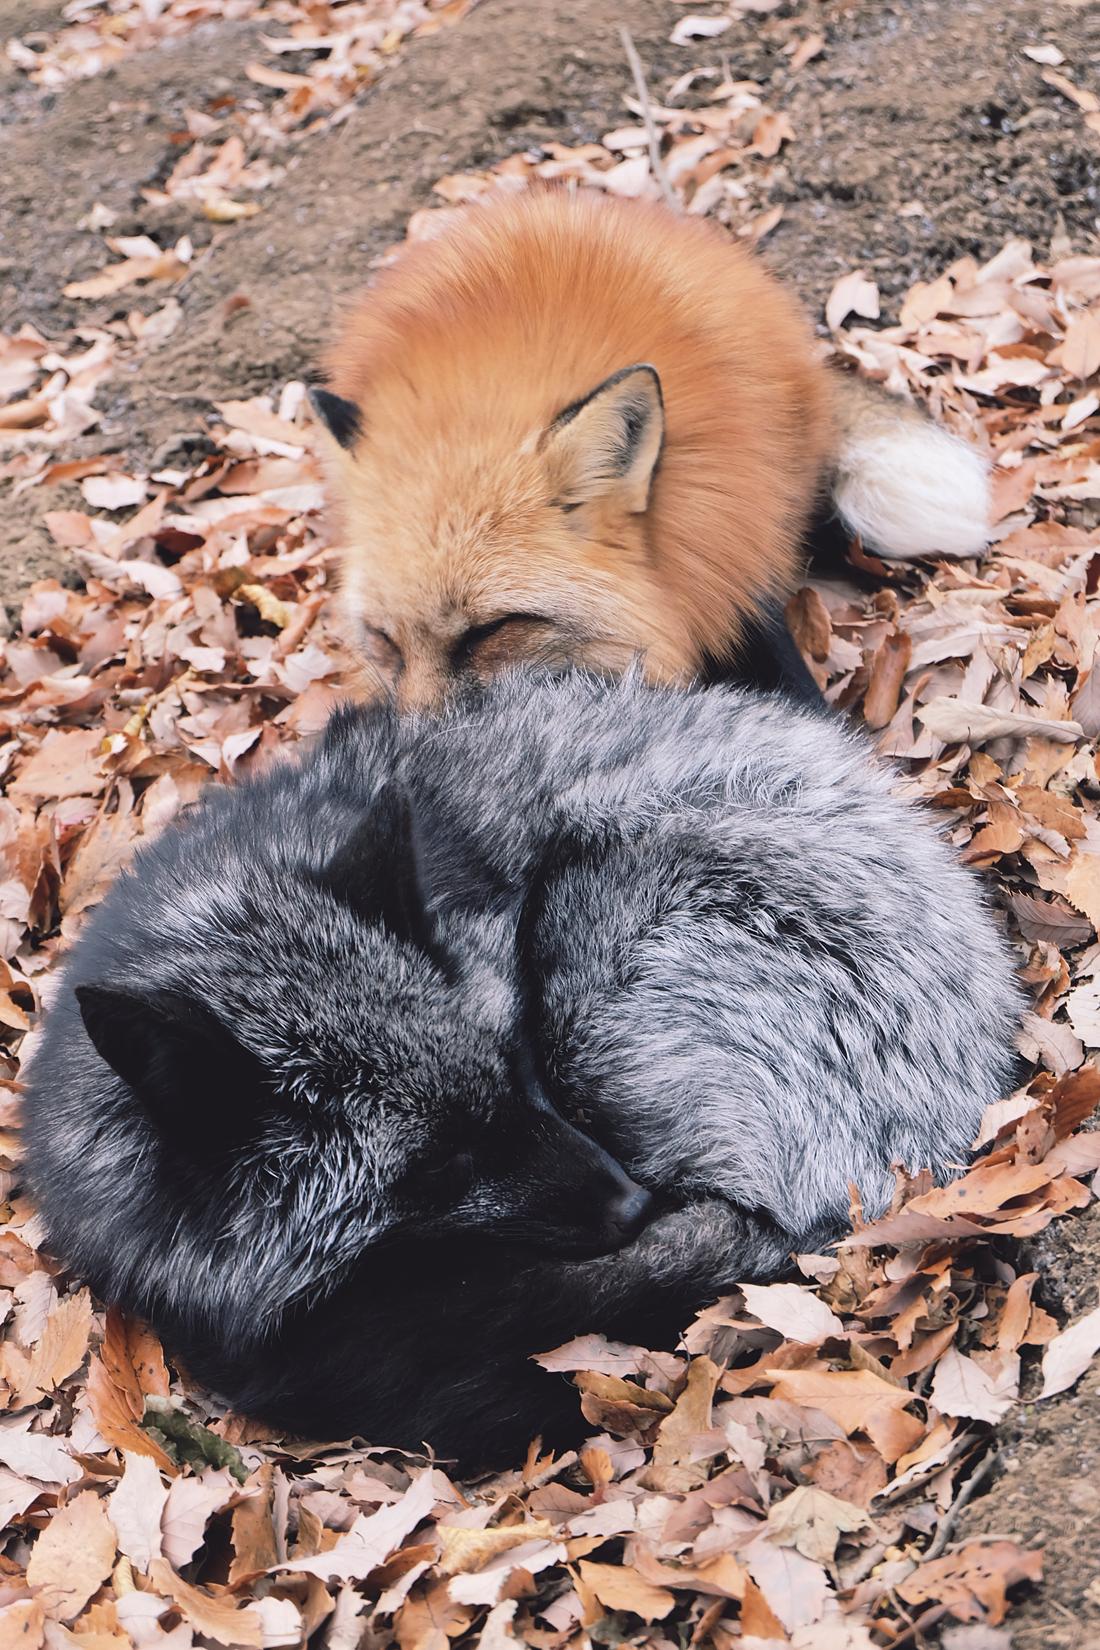 miyagi-zao-fox-village-rainbowholic-38